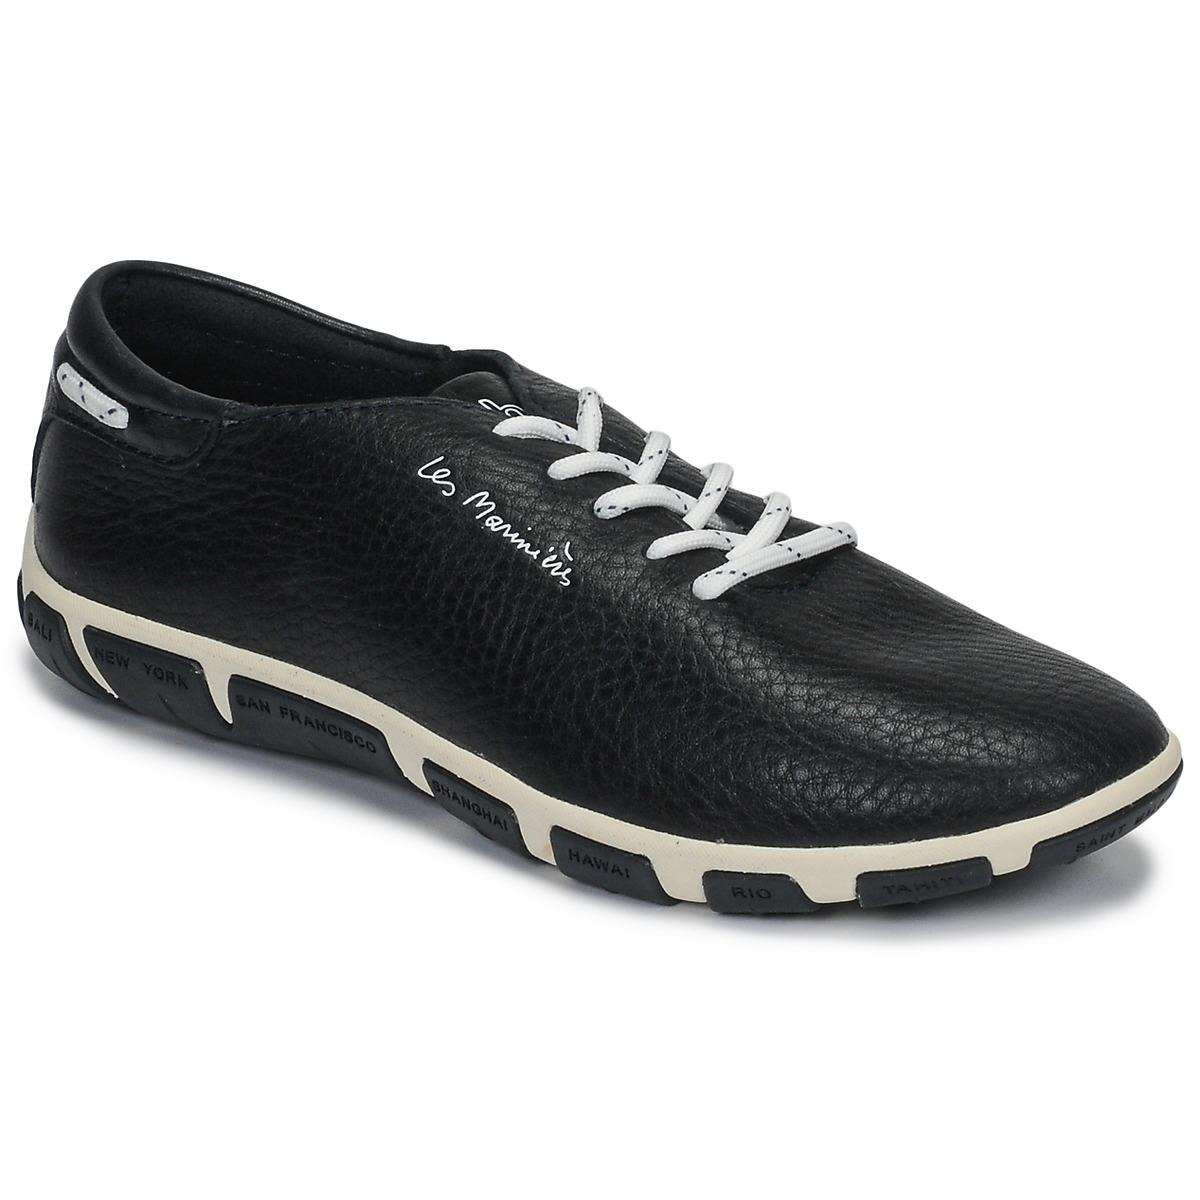 46095d4ac0050d TBS JAZARU Bleu - Livraison Gratuite | Spartoo ! - Chaussures Derbies Femme  62,90 €